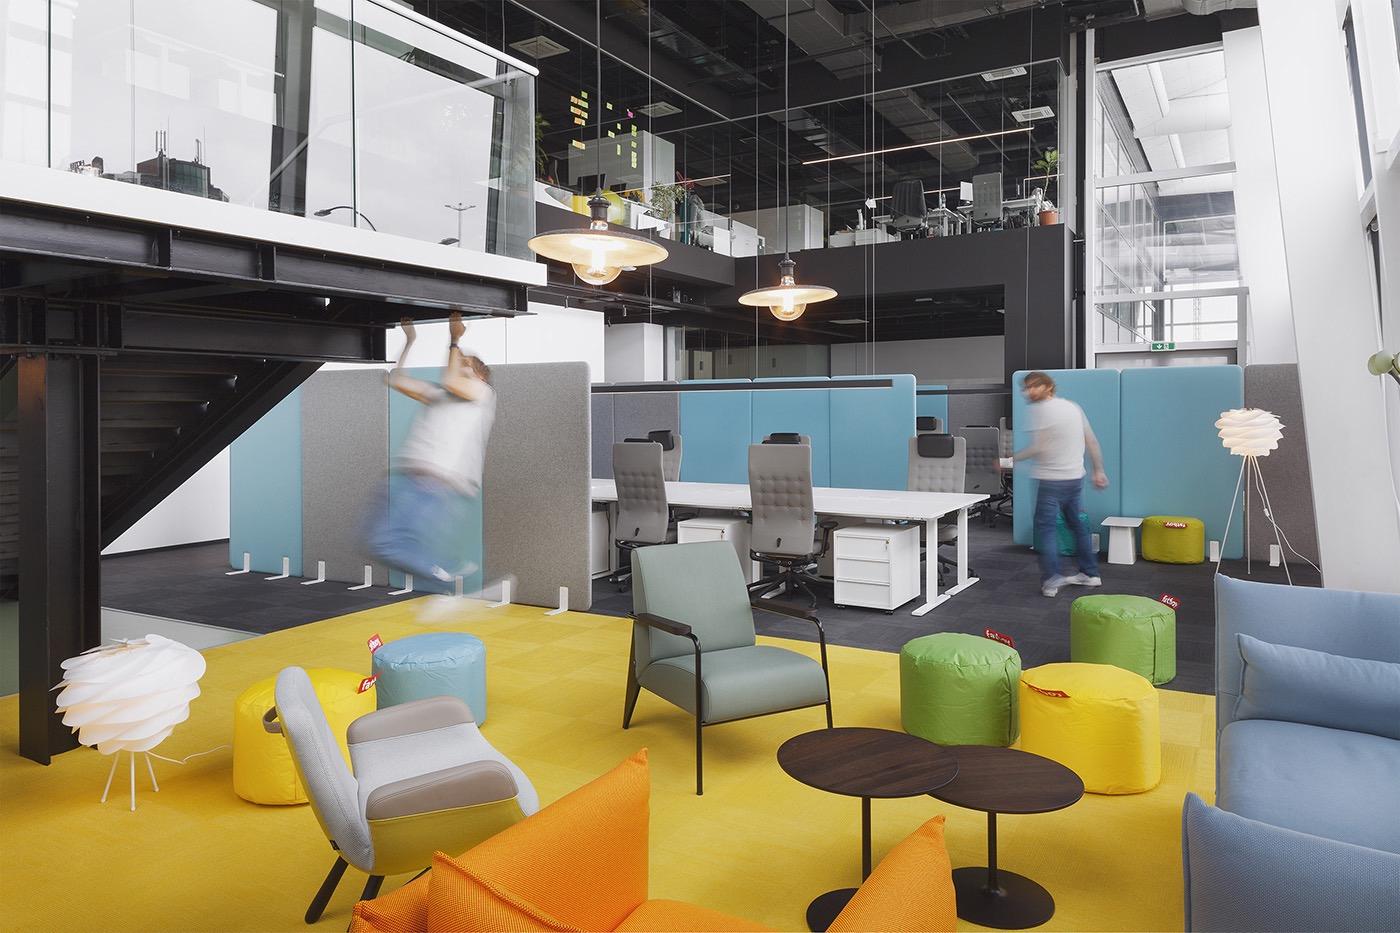 paysafe-office-2